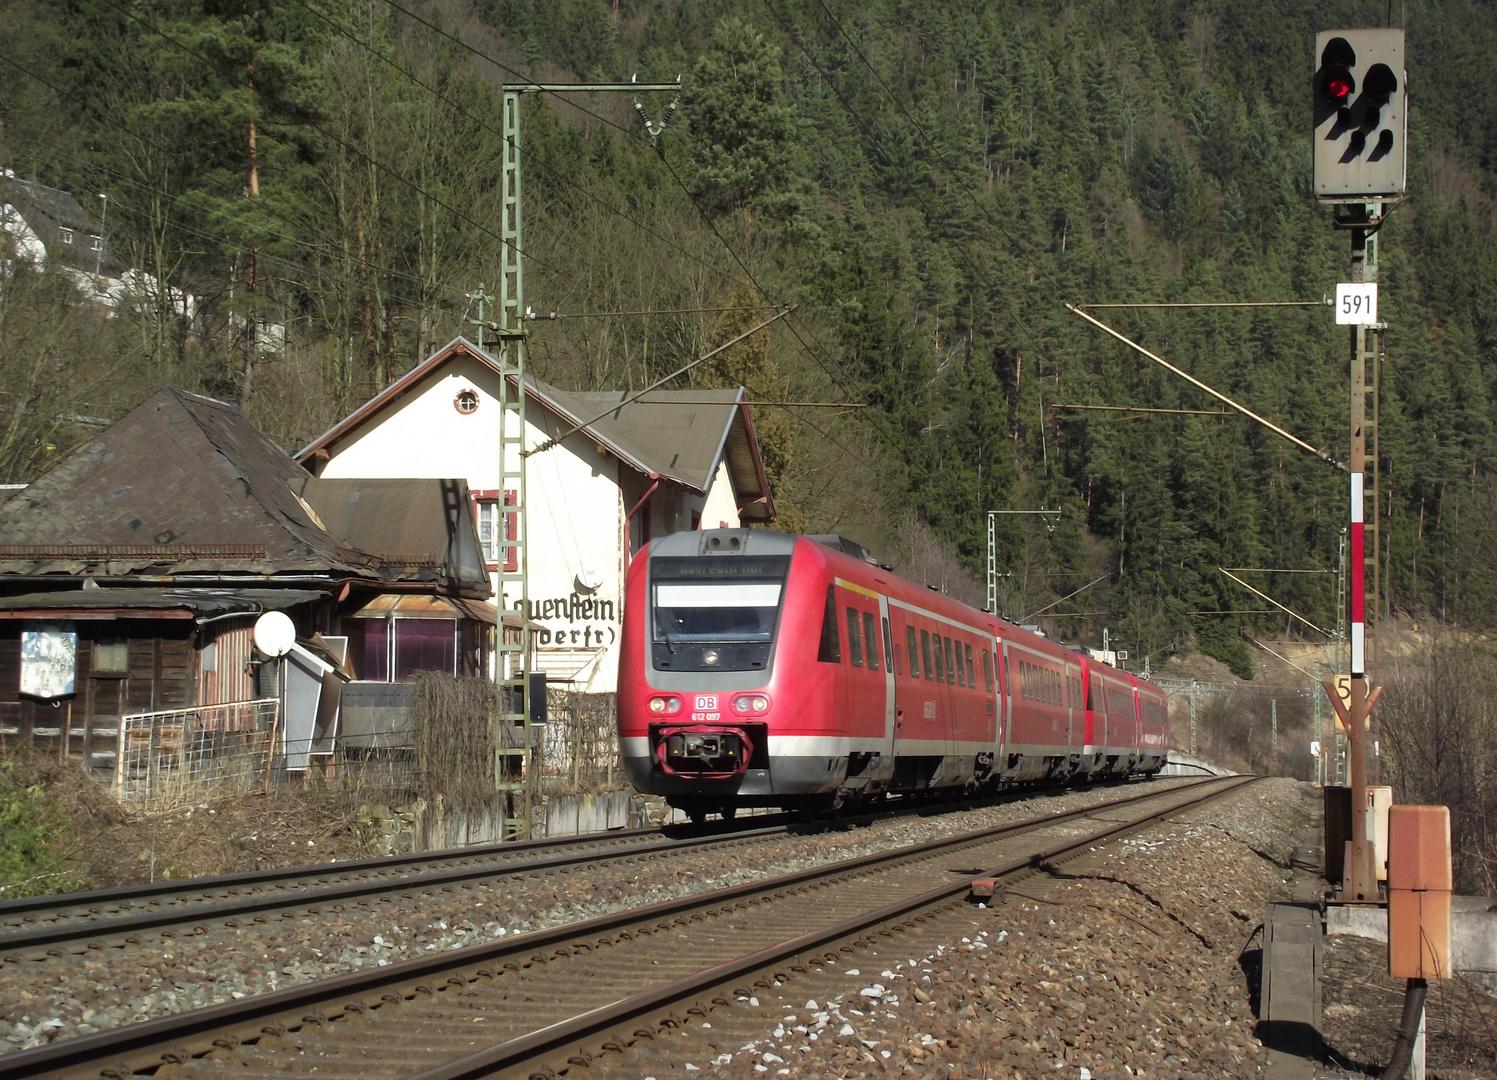 RE am ehemaligen Hp Lauenstein (Oberfranken)